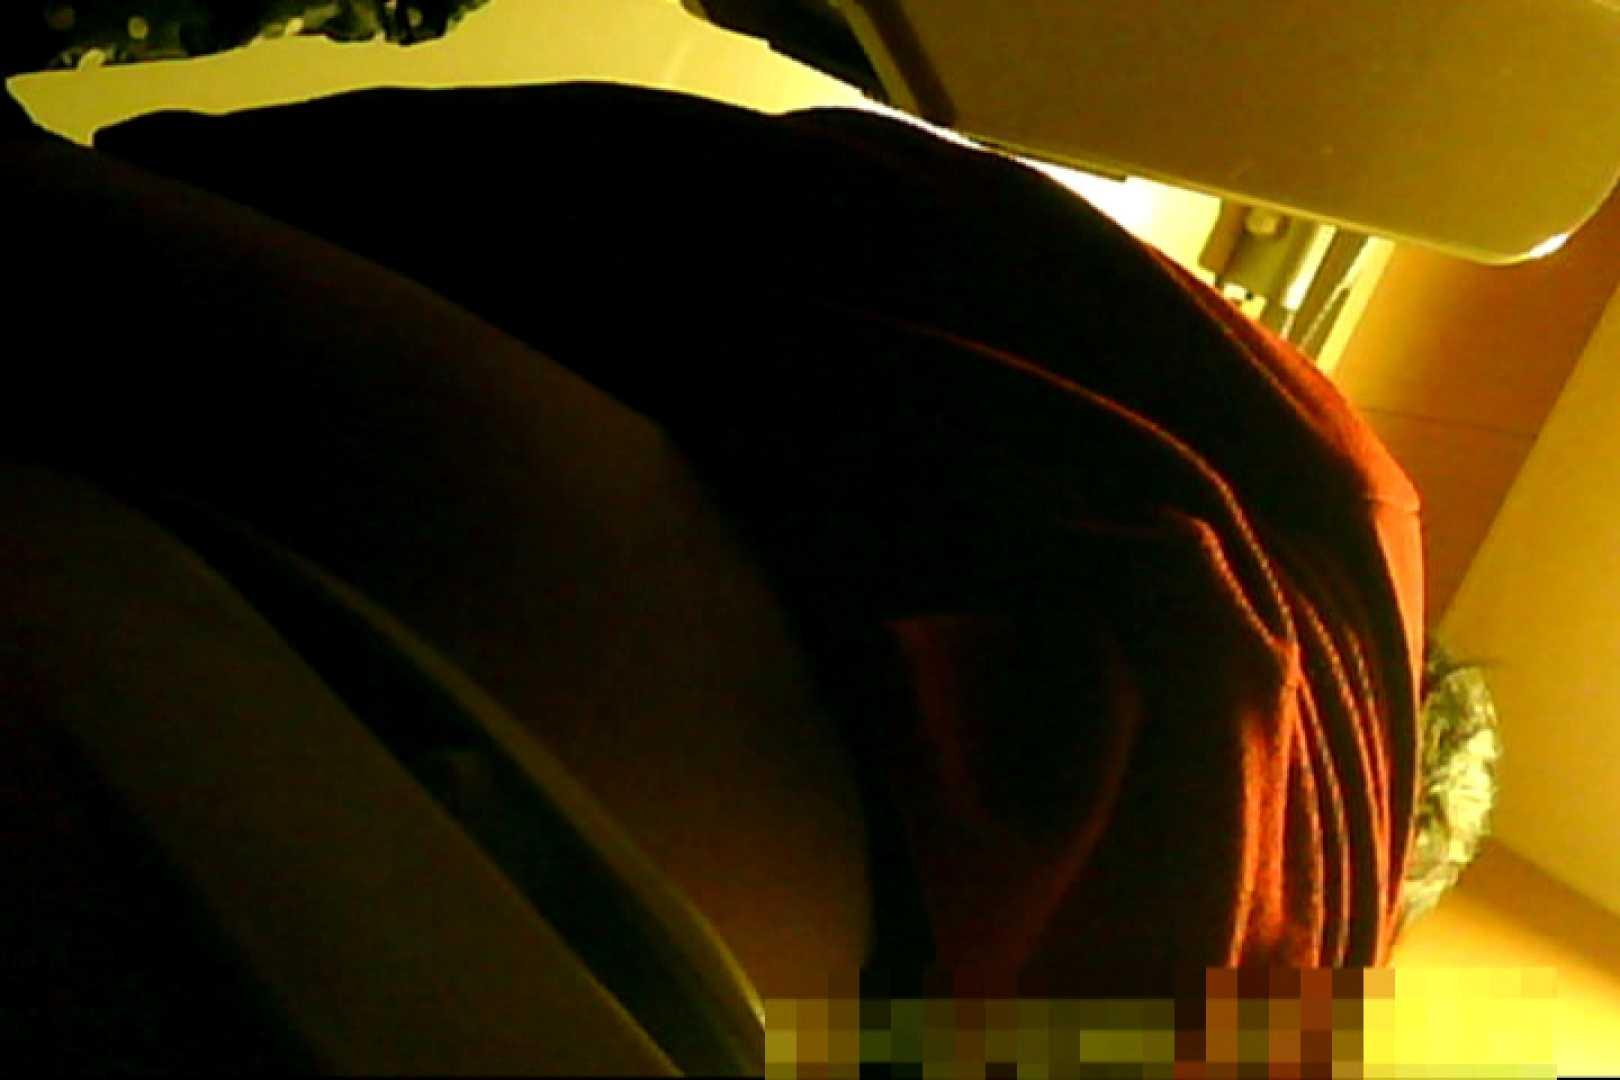 魅惑の化粧室~禁断のプライベート空間~vol.10 盗撮師作品 エロ無料画像 102pic 38